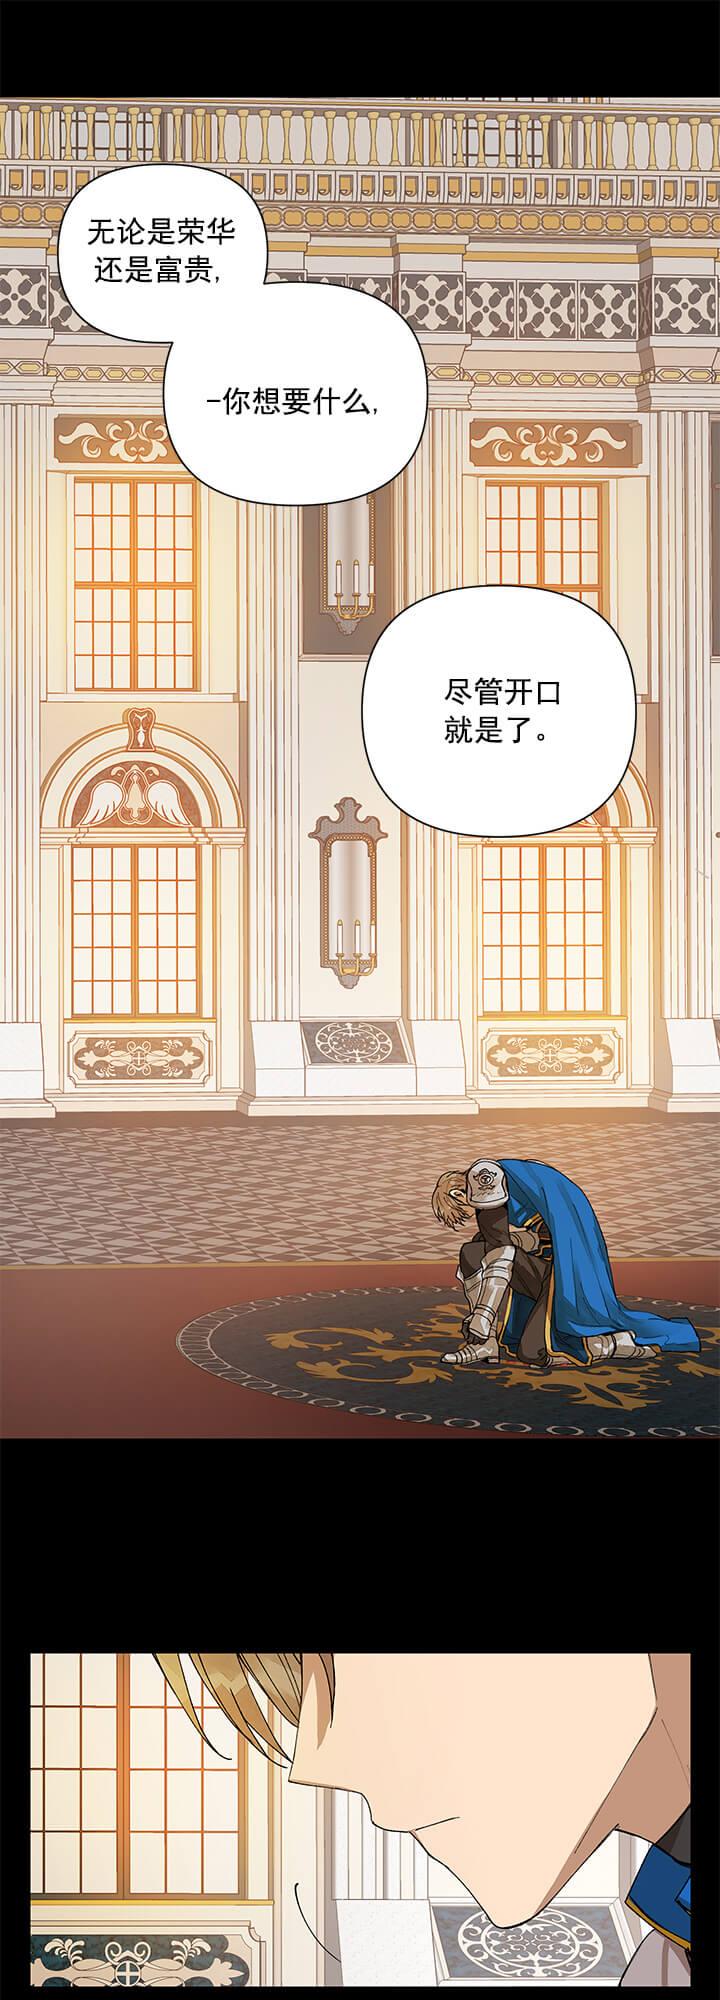 韩漫 |《谁在撒谎》表面忠诚骑士x危险人质王子,究竟谁在撒谎?  第14张